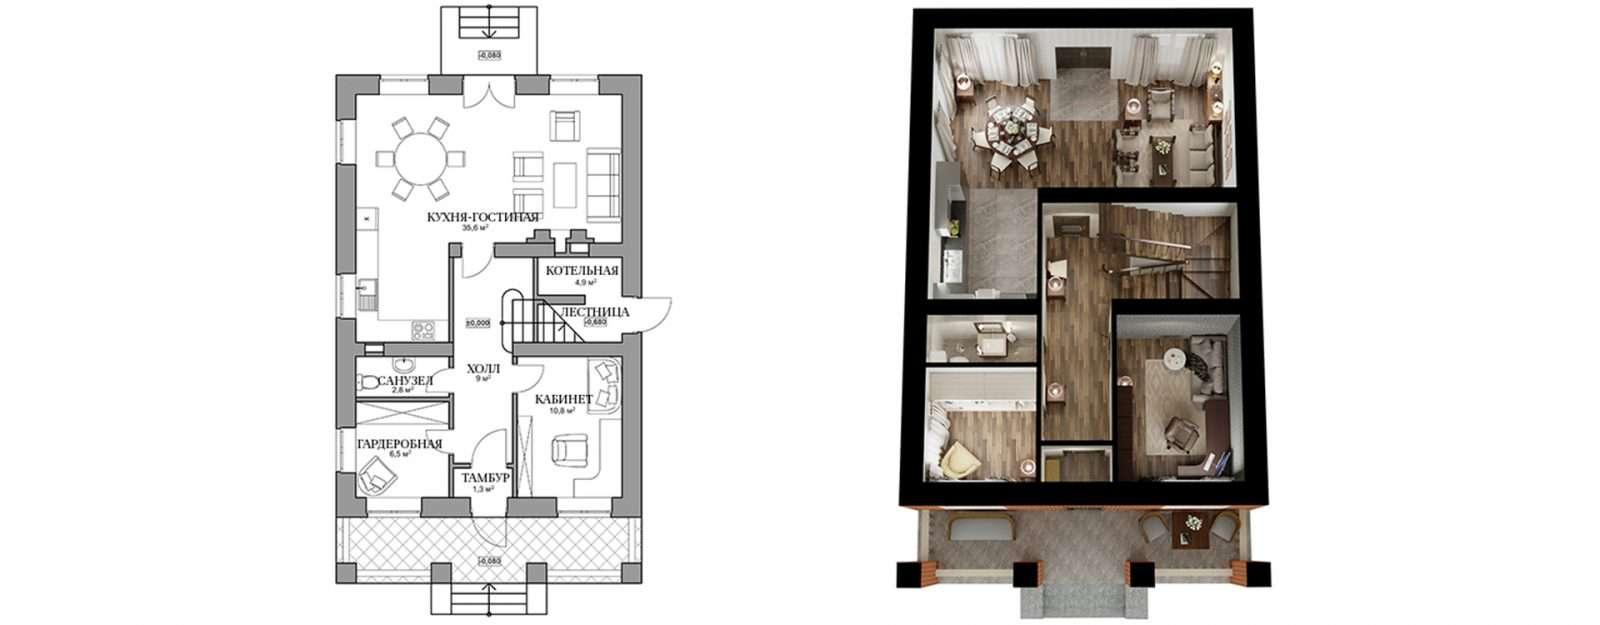 Коттедж «Бет» - план первого этажа